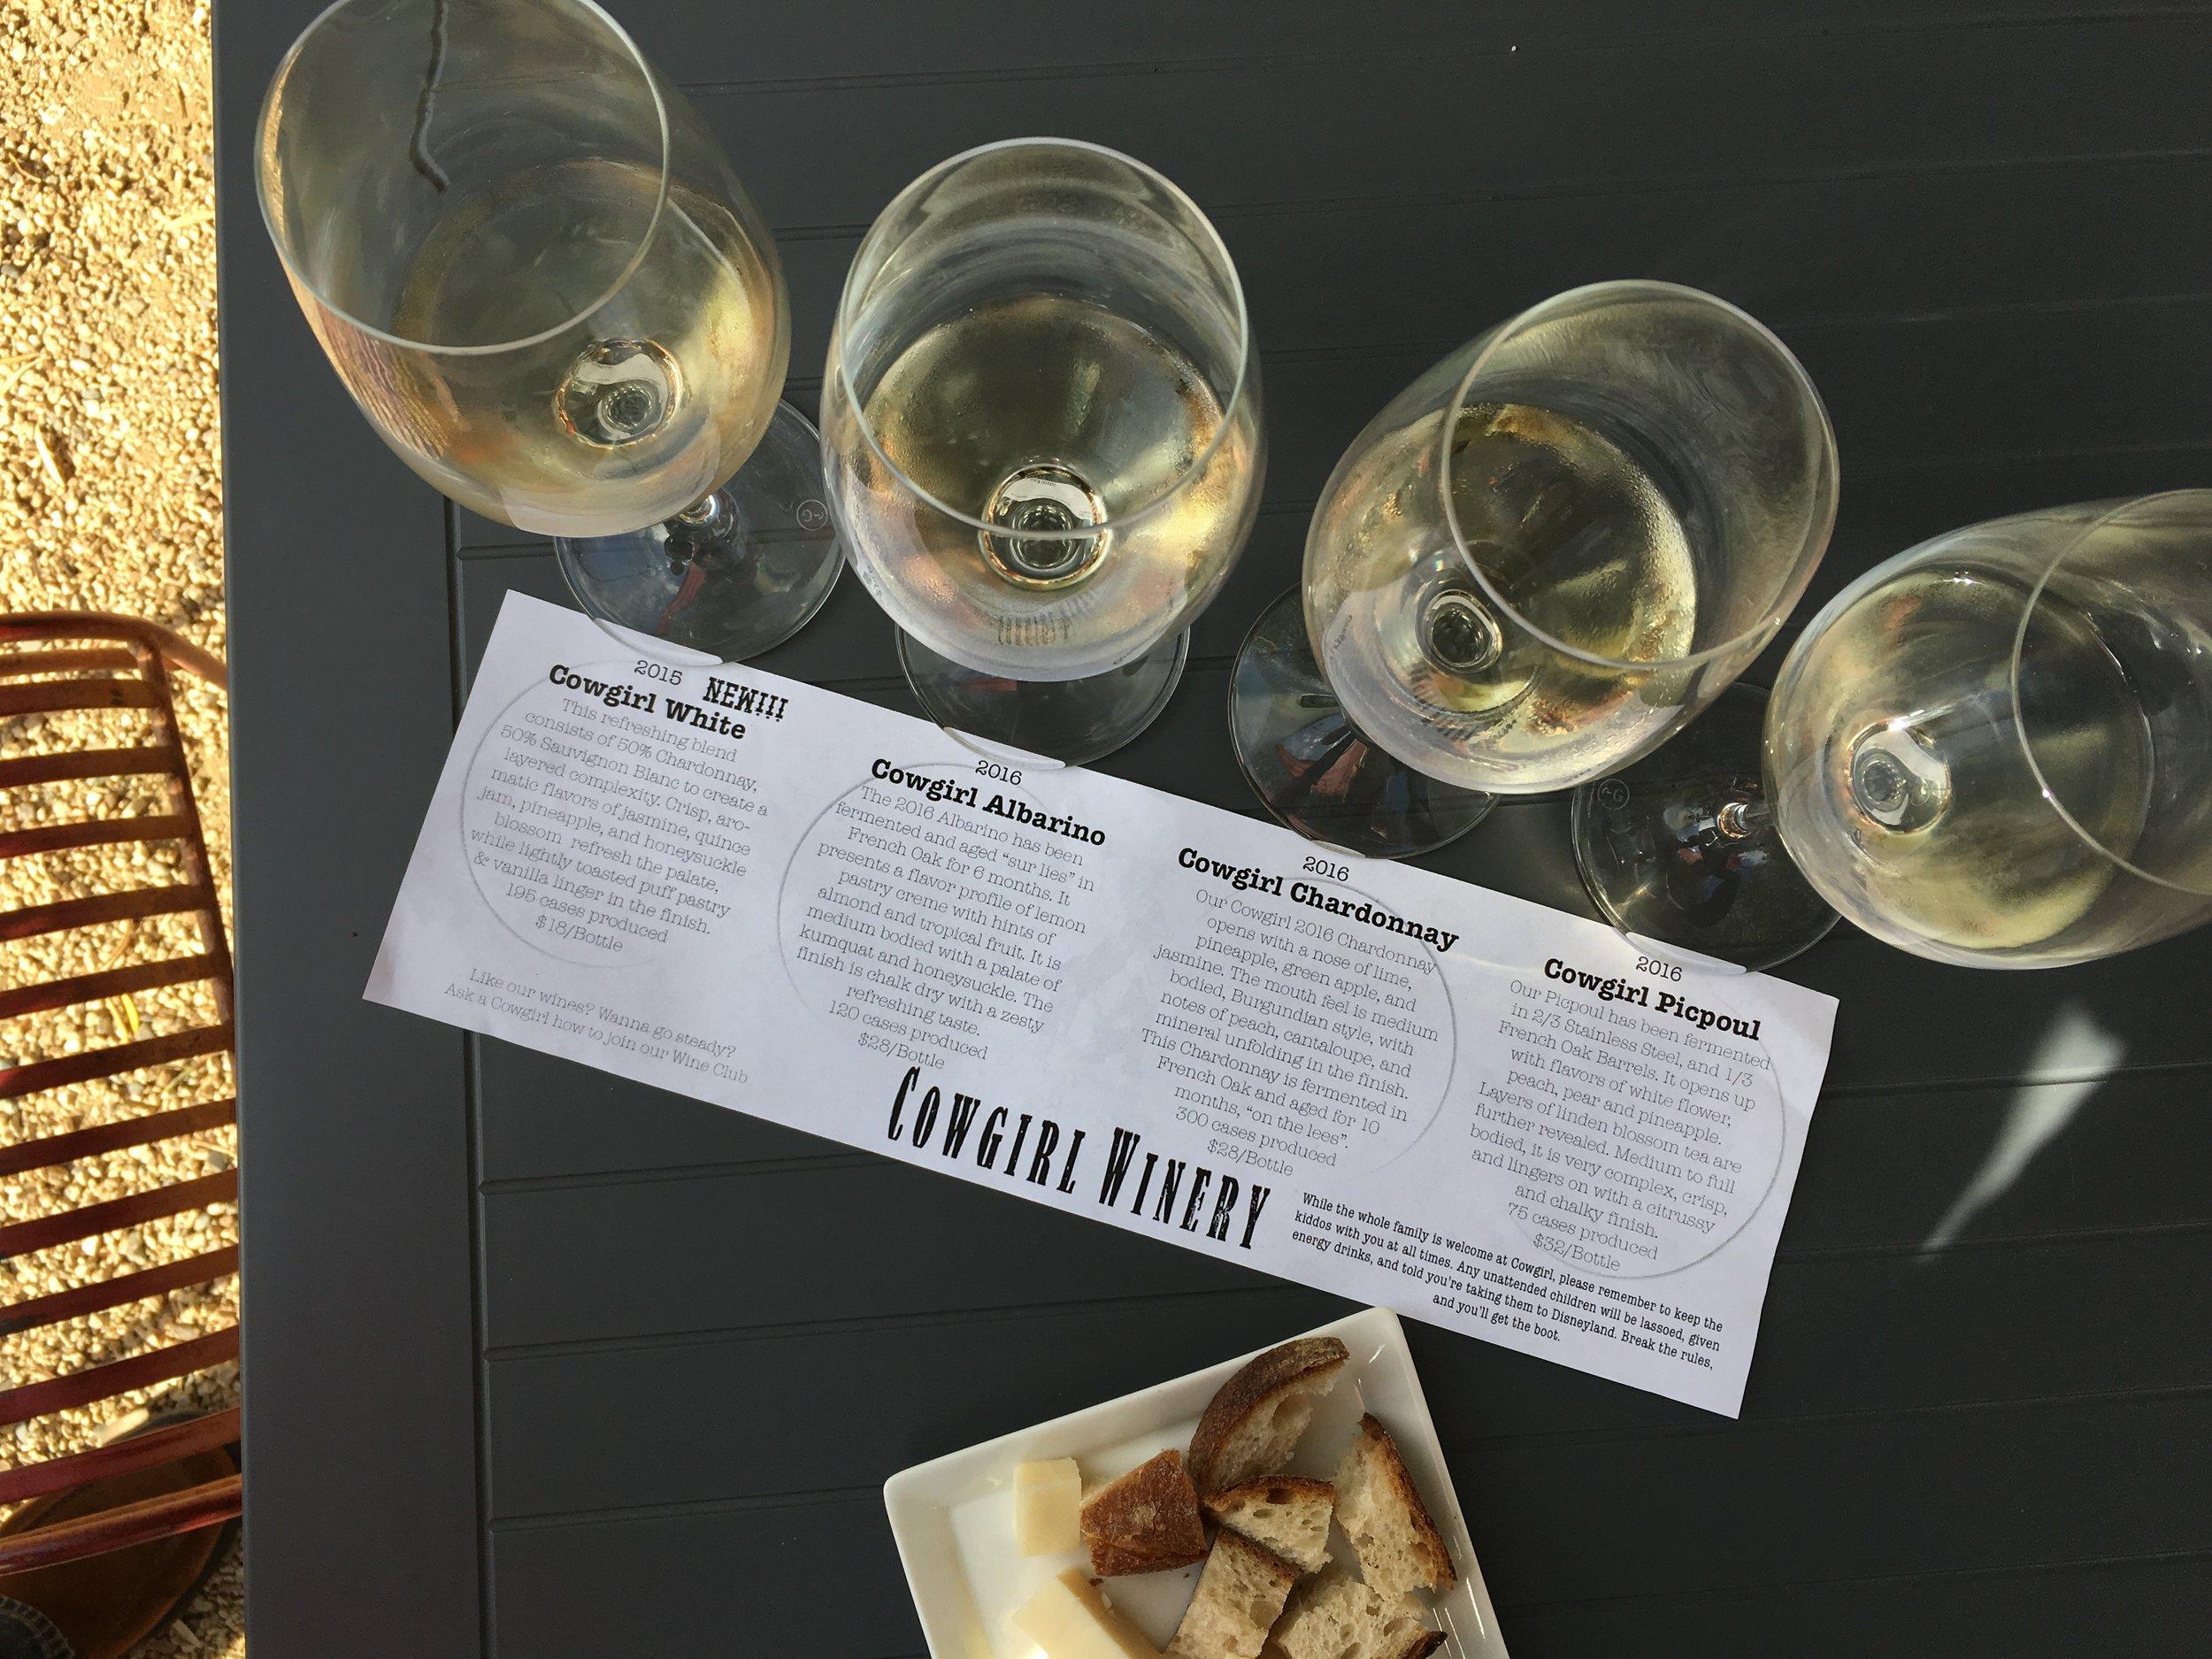 cowgirl-winery-carmel-valley-wine-tasting.jpg